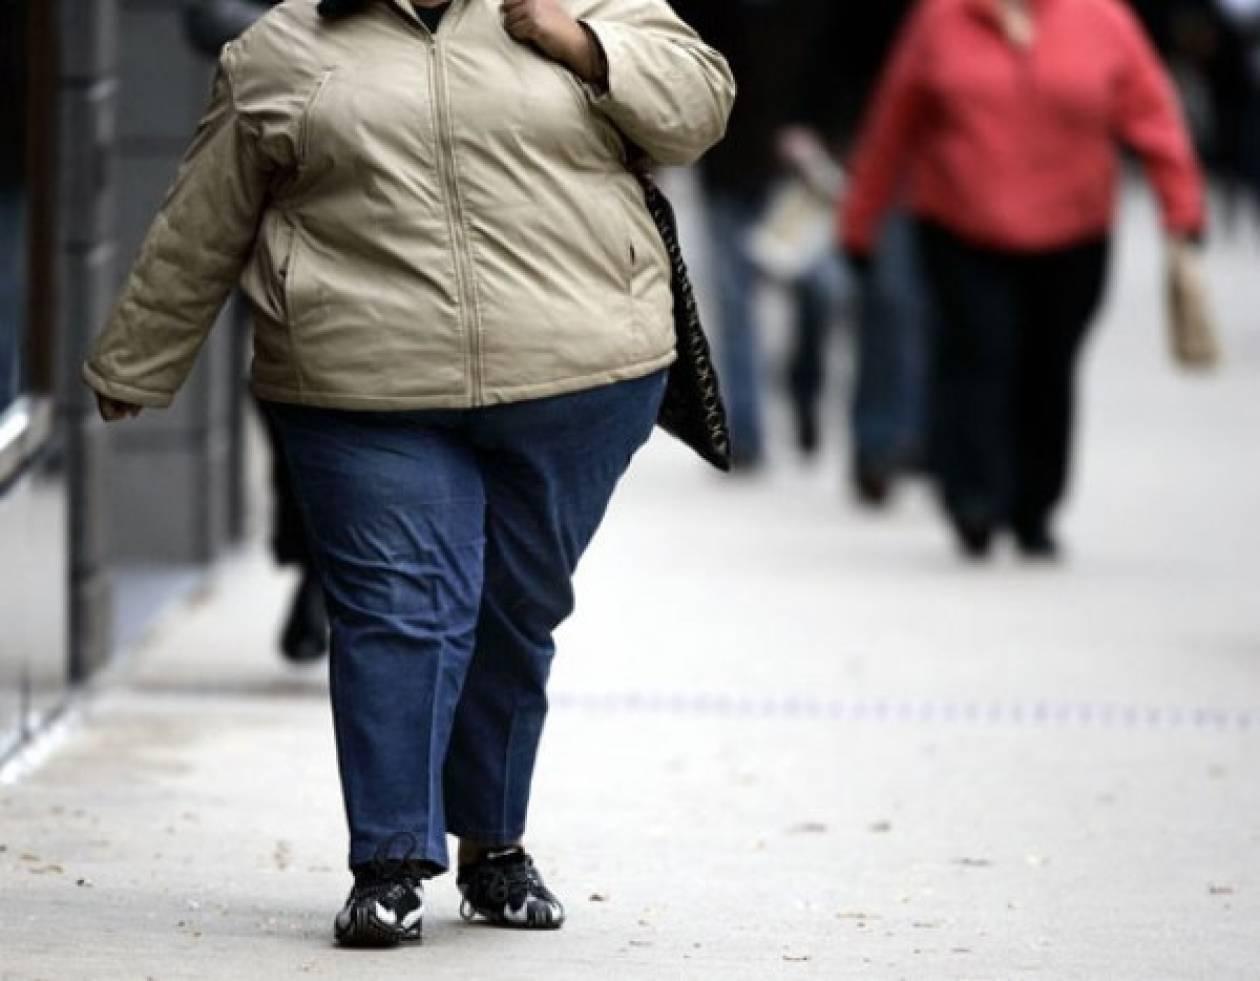 Απίστευτο: Επιβάλλουν πρόστιμο στους υπέρβαρους υπαλλήλους...